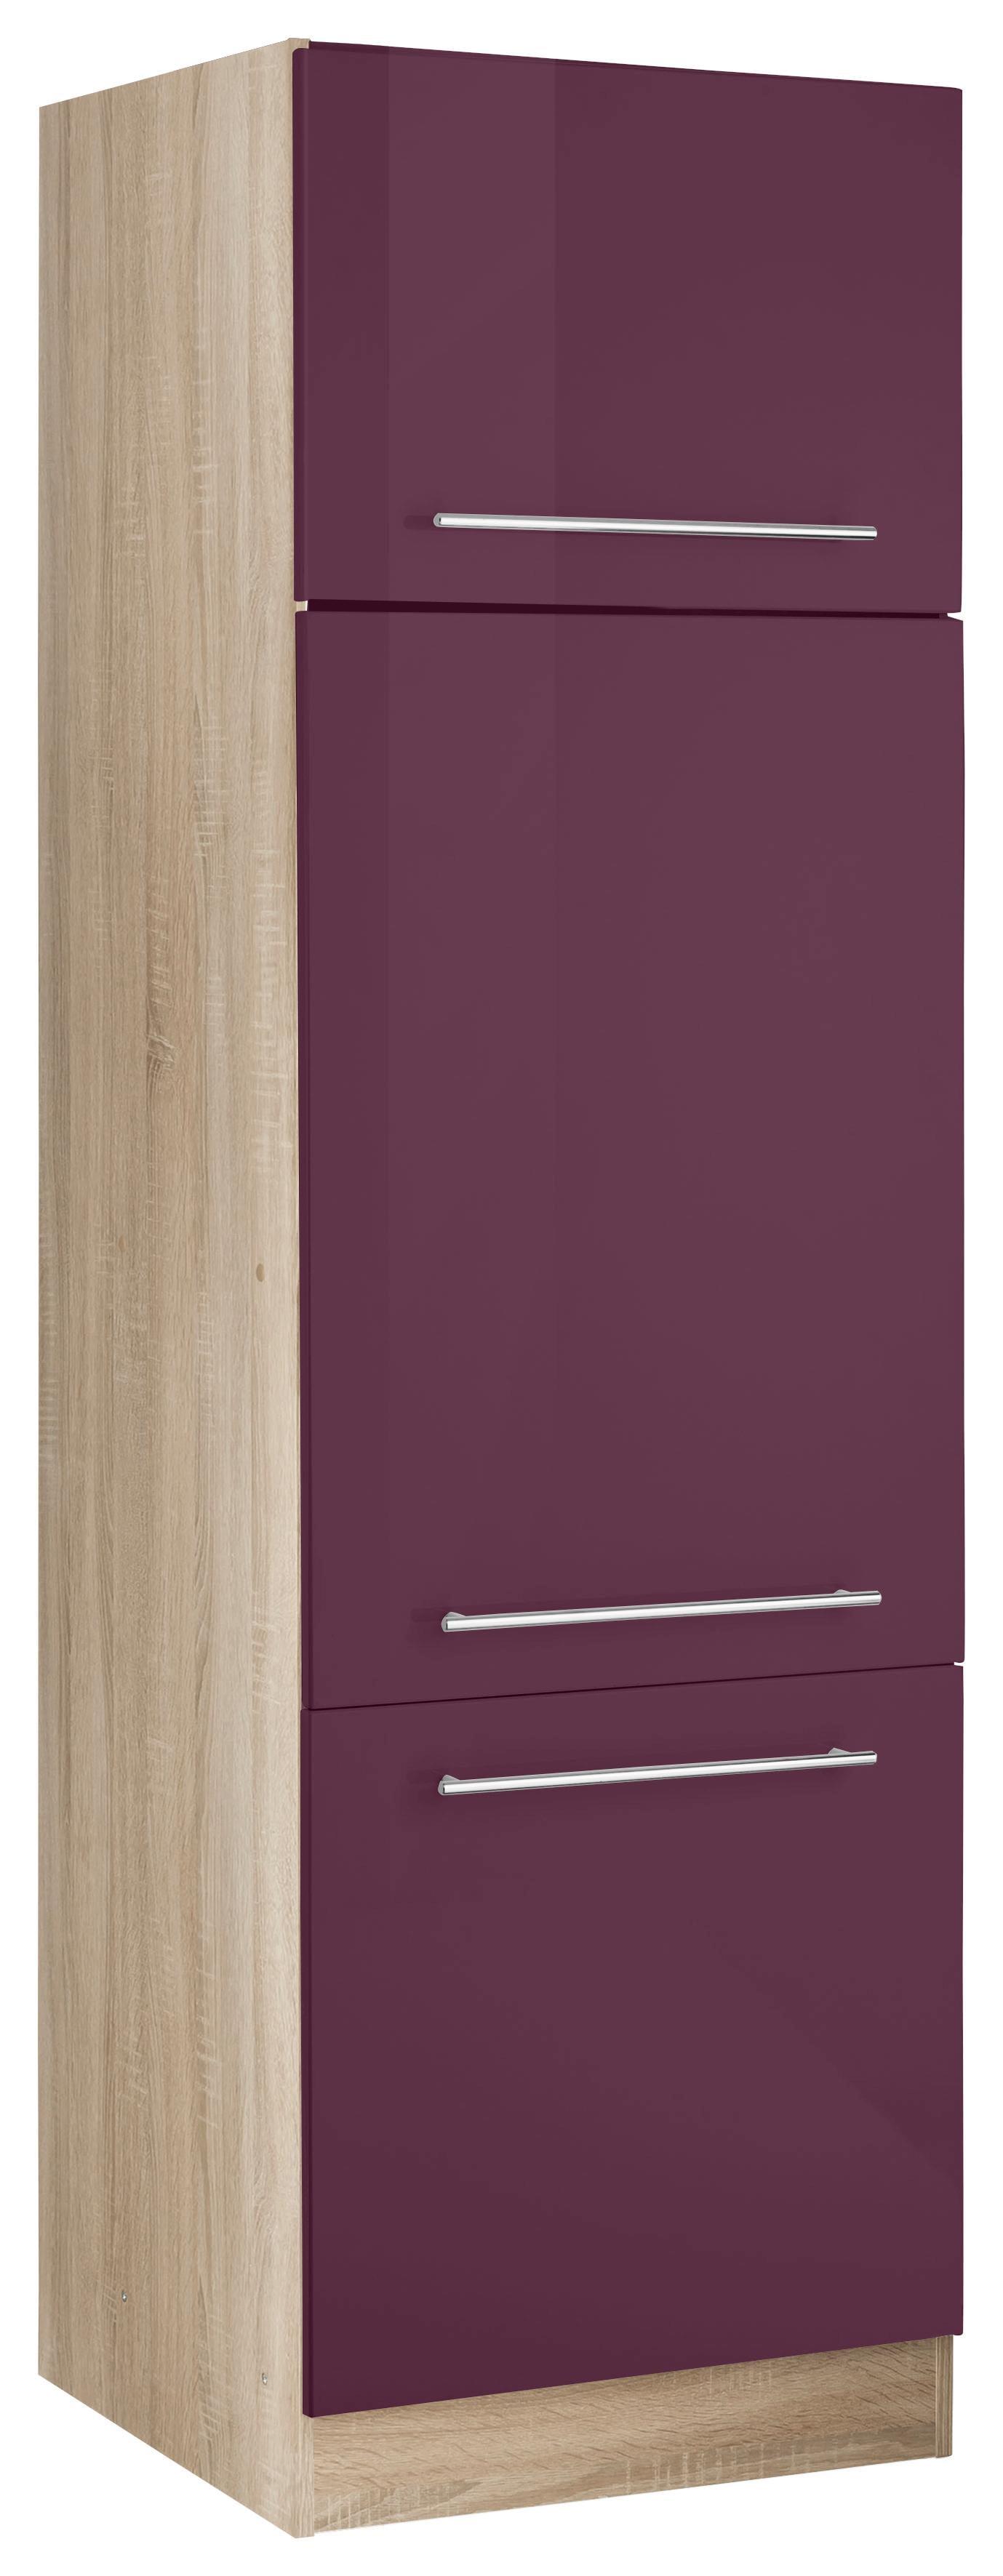 HELD MÖBEL Kühlumbauschrank Eton   Küche und Esszimmer > Küchenschränke > Umbauschränke   Lila   Milchglas - Melamin   Held Möbel